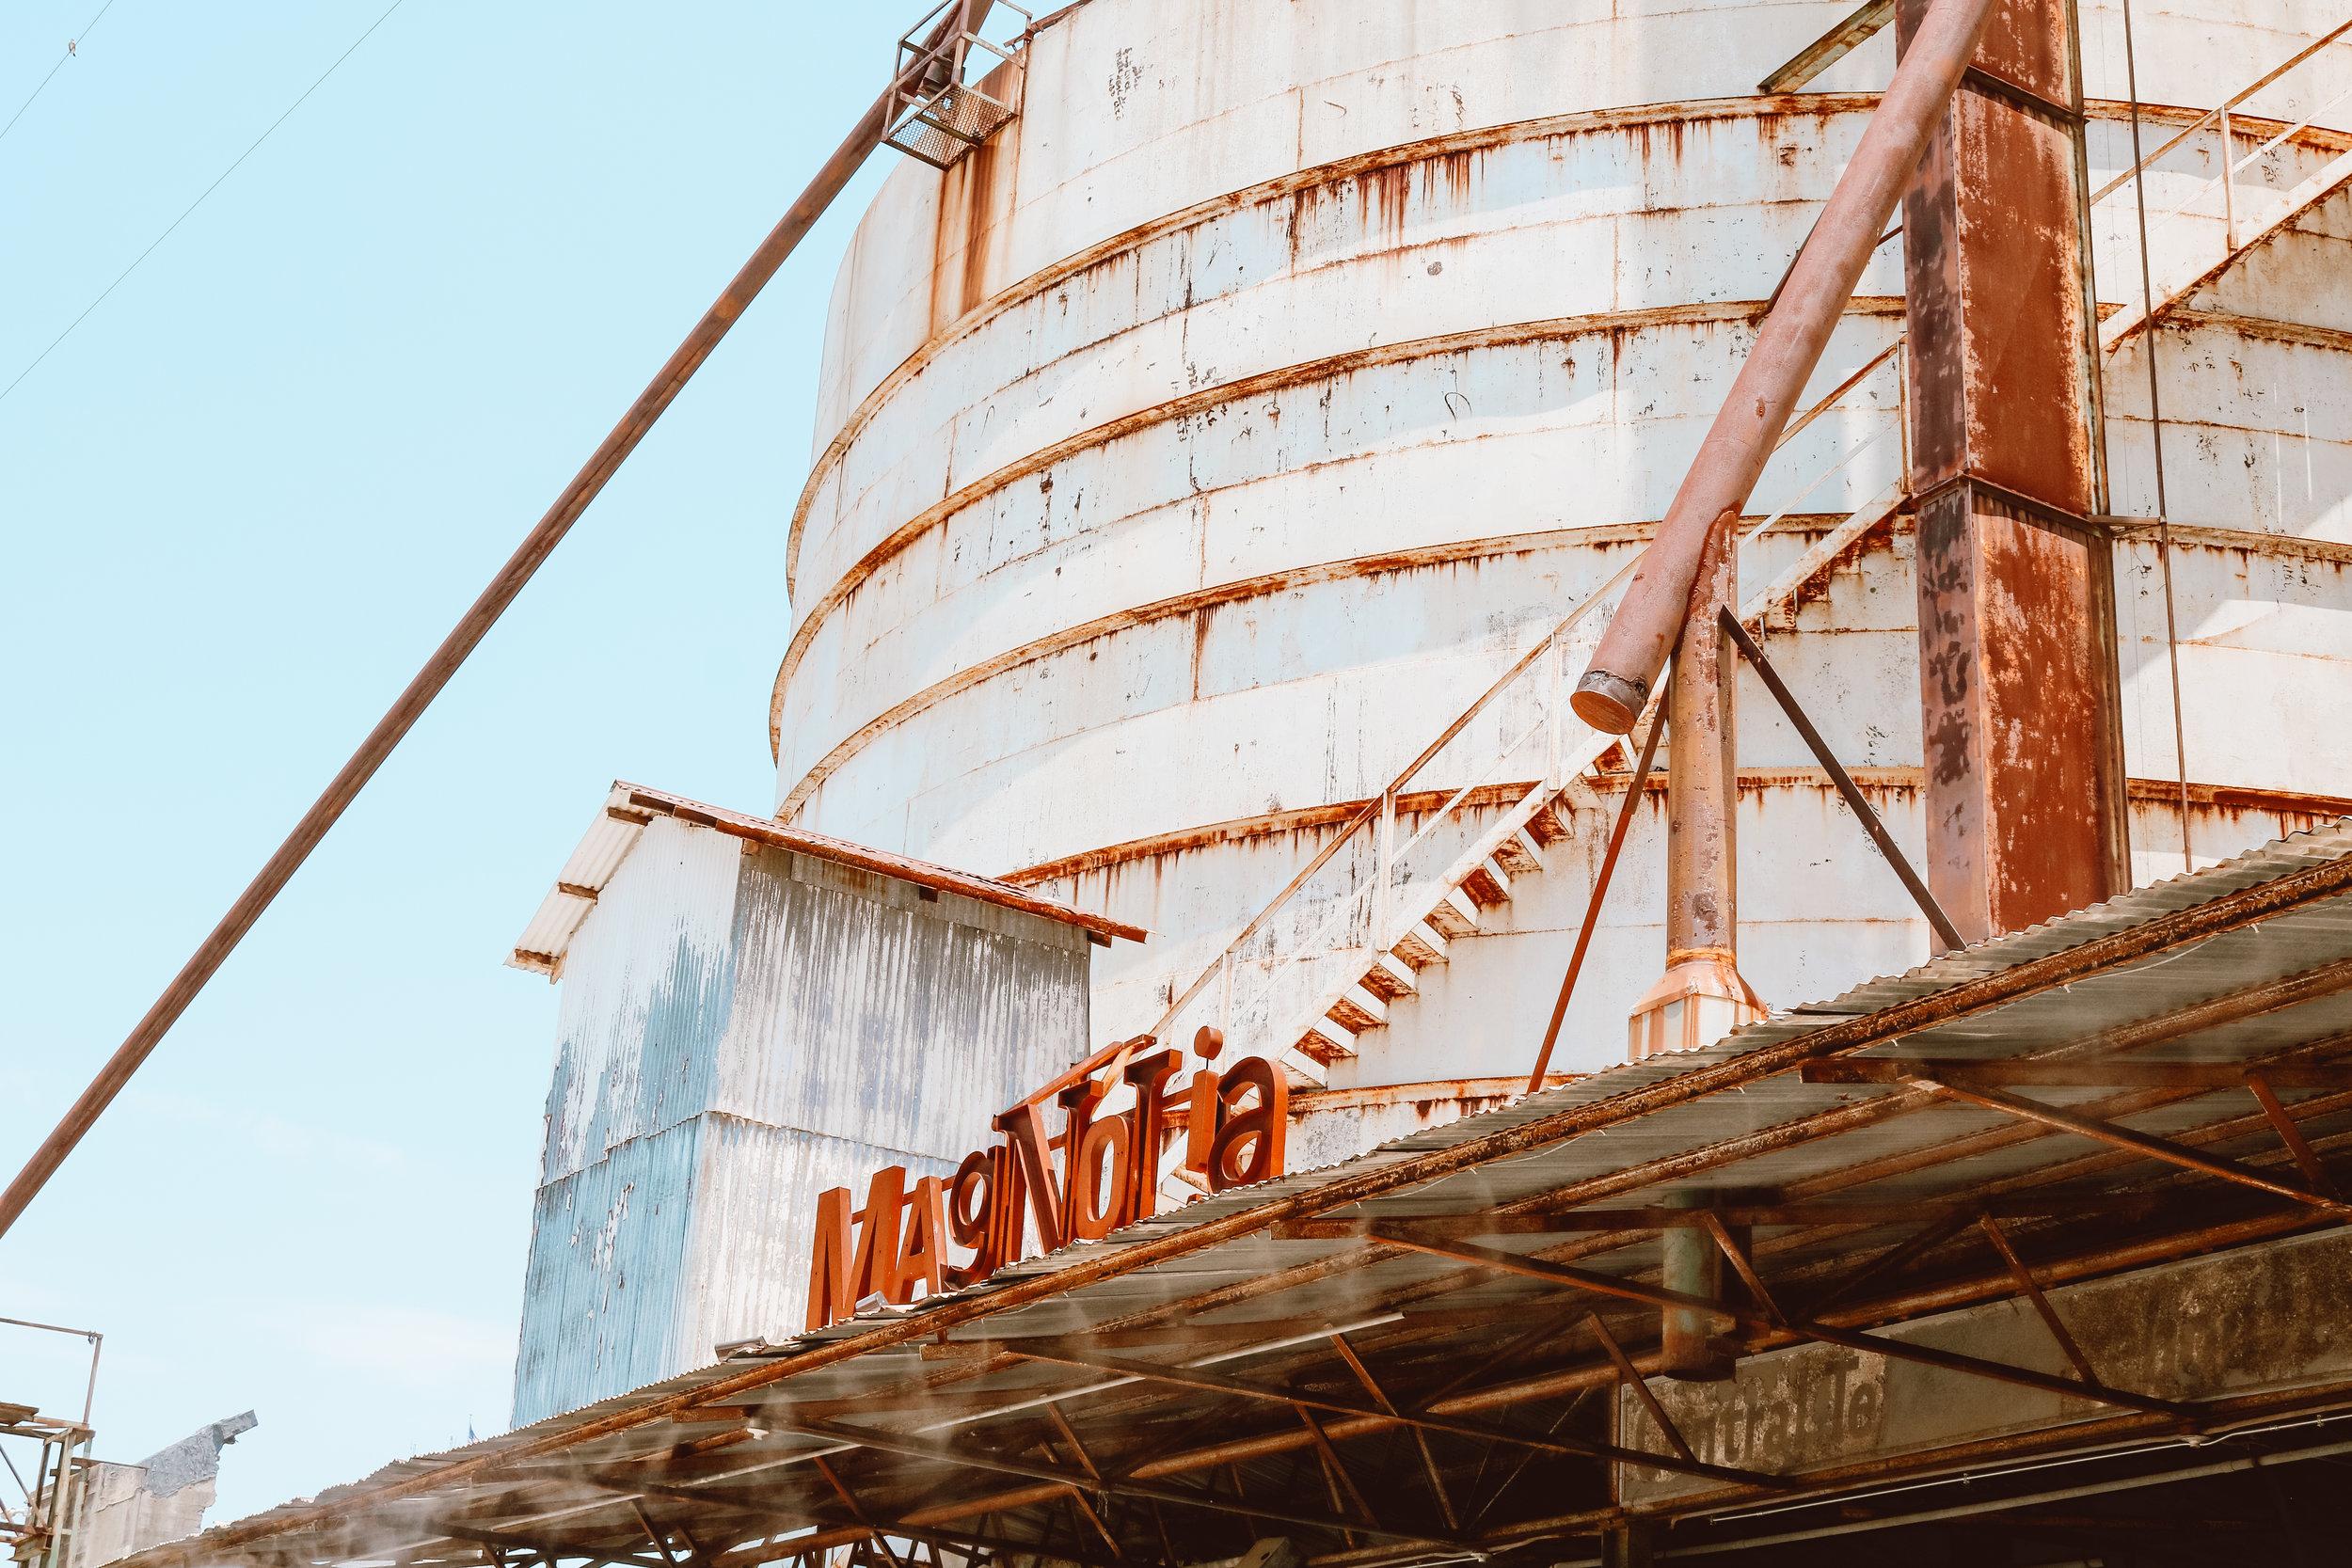 magnolia-silos-14.jpg